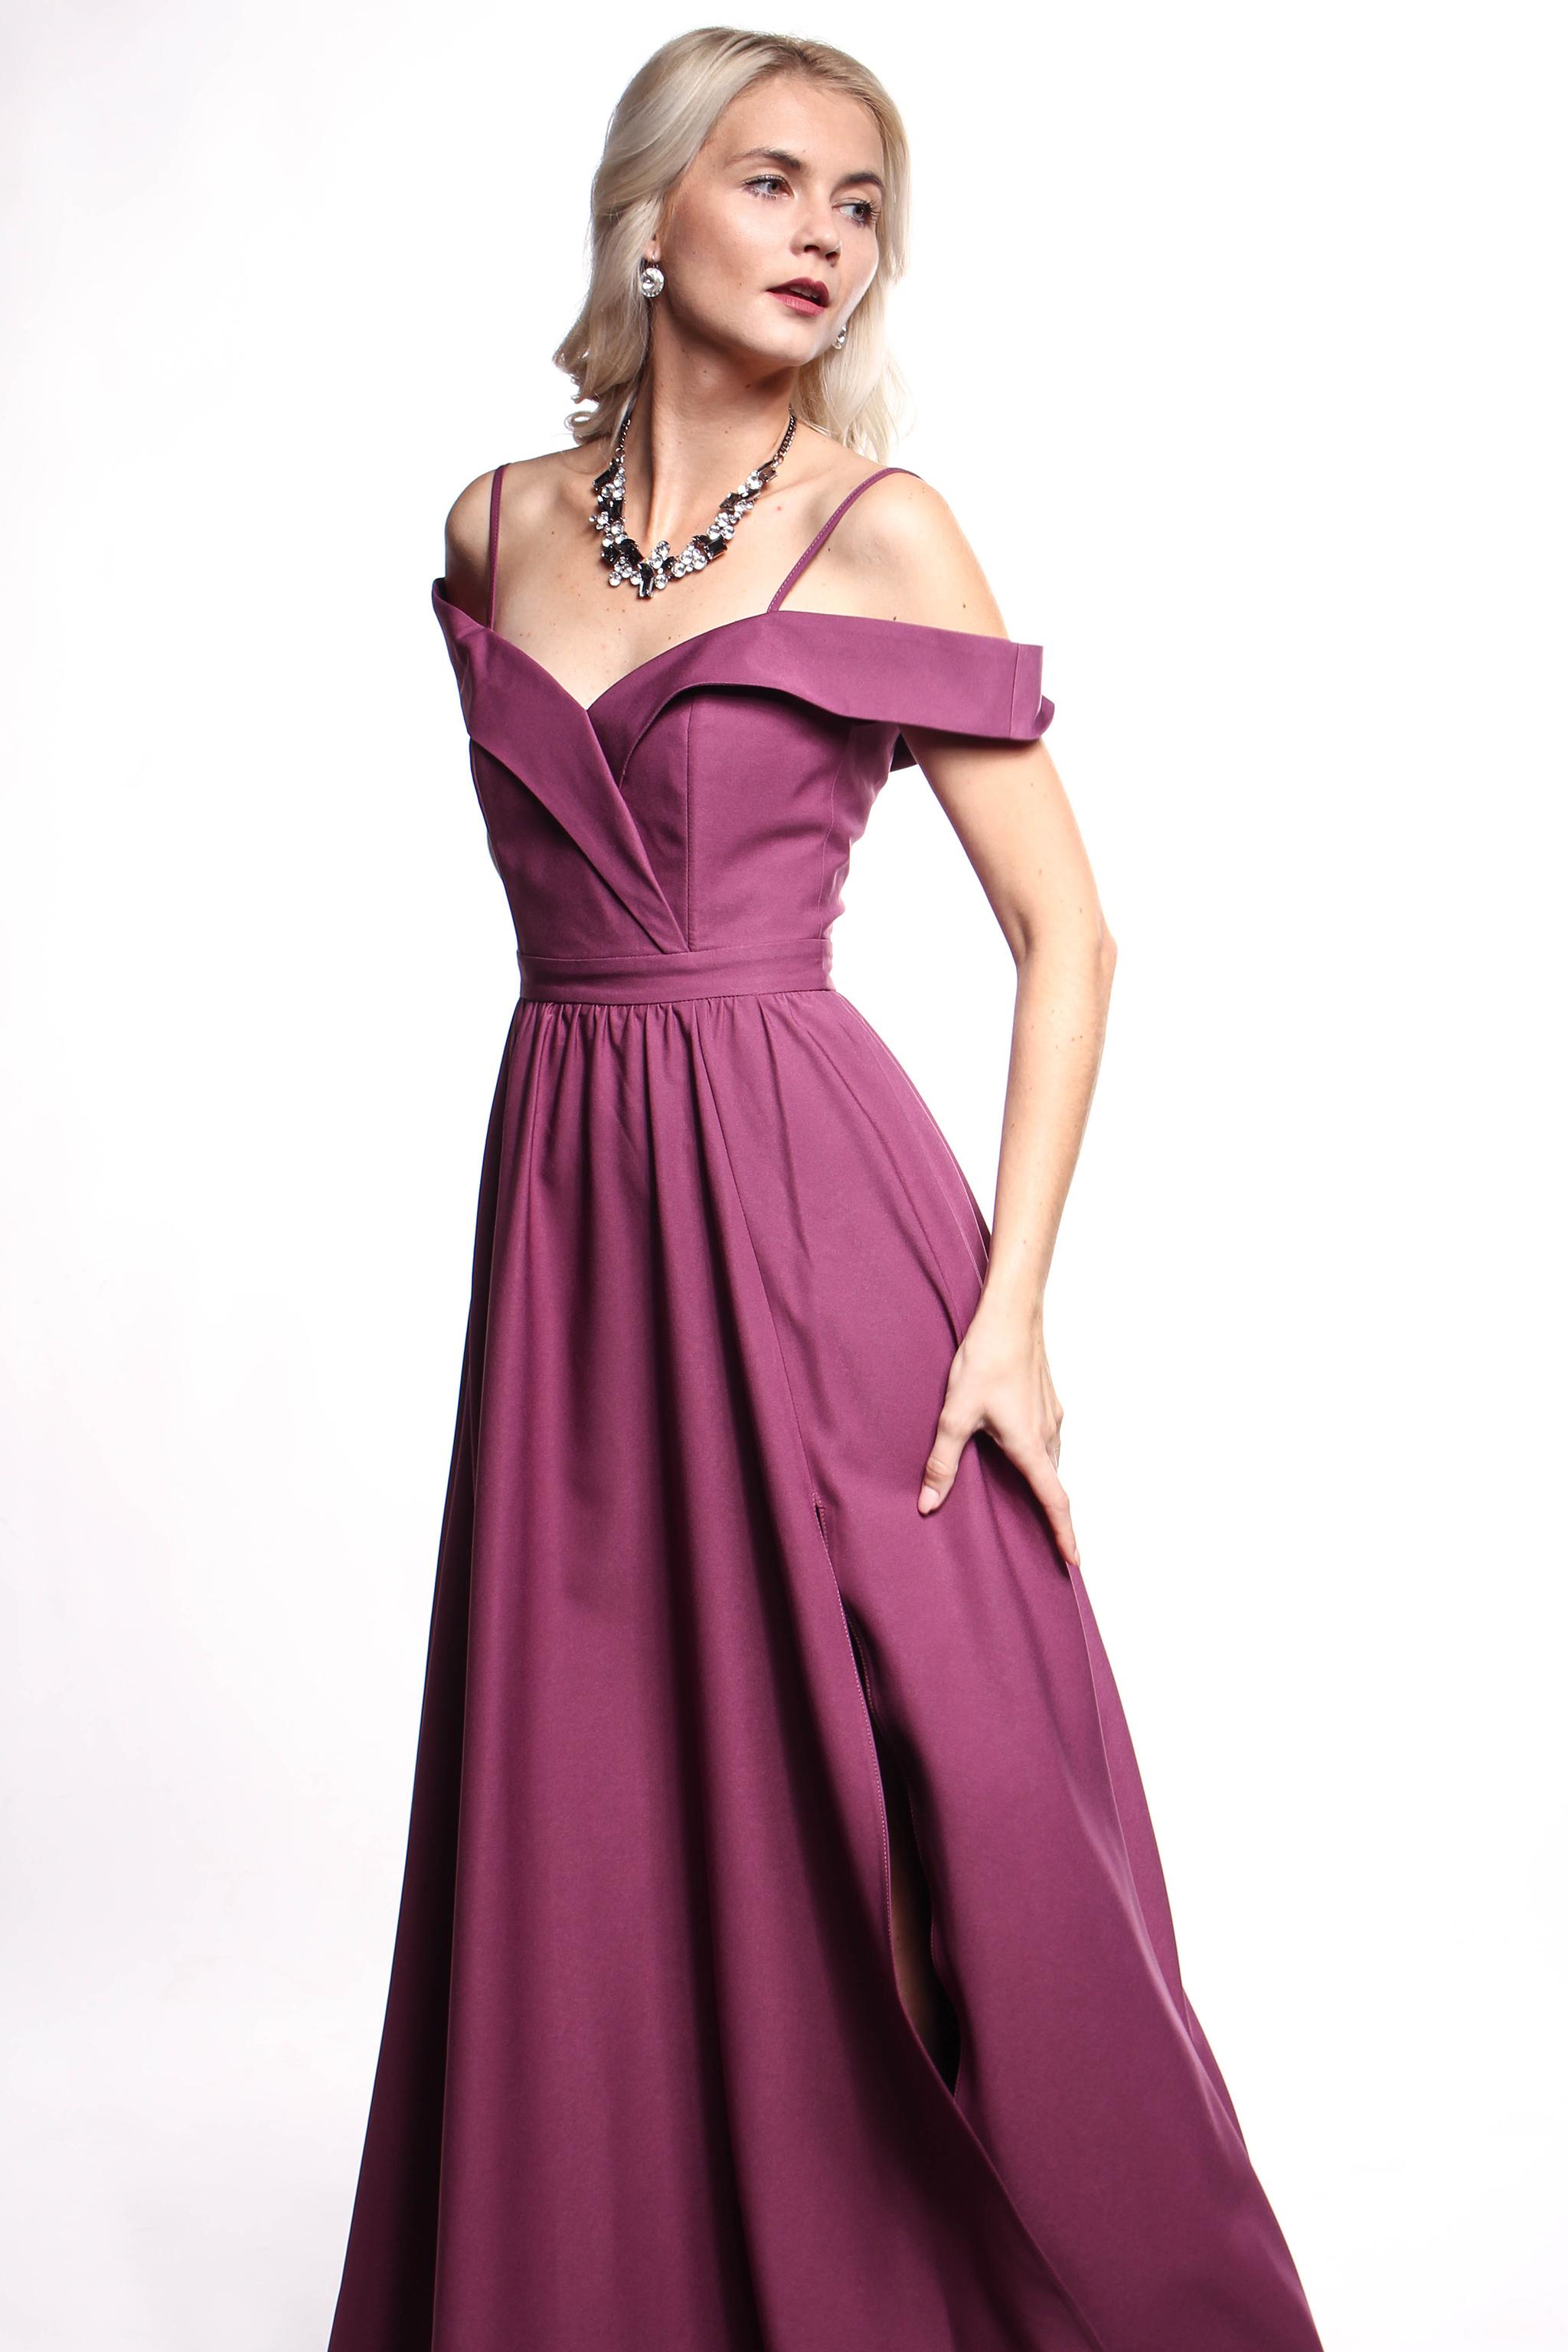 Obrázok 3 Fialové plesové šaty 73d1ec5960d